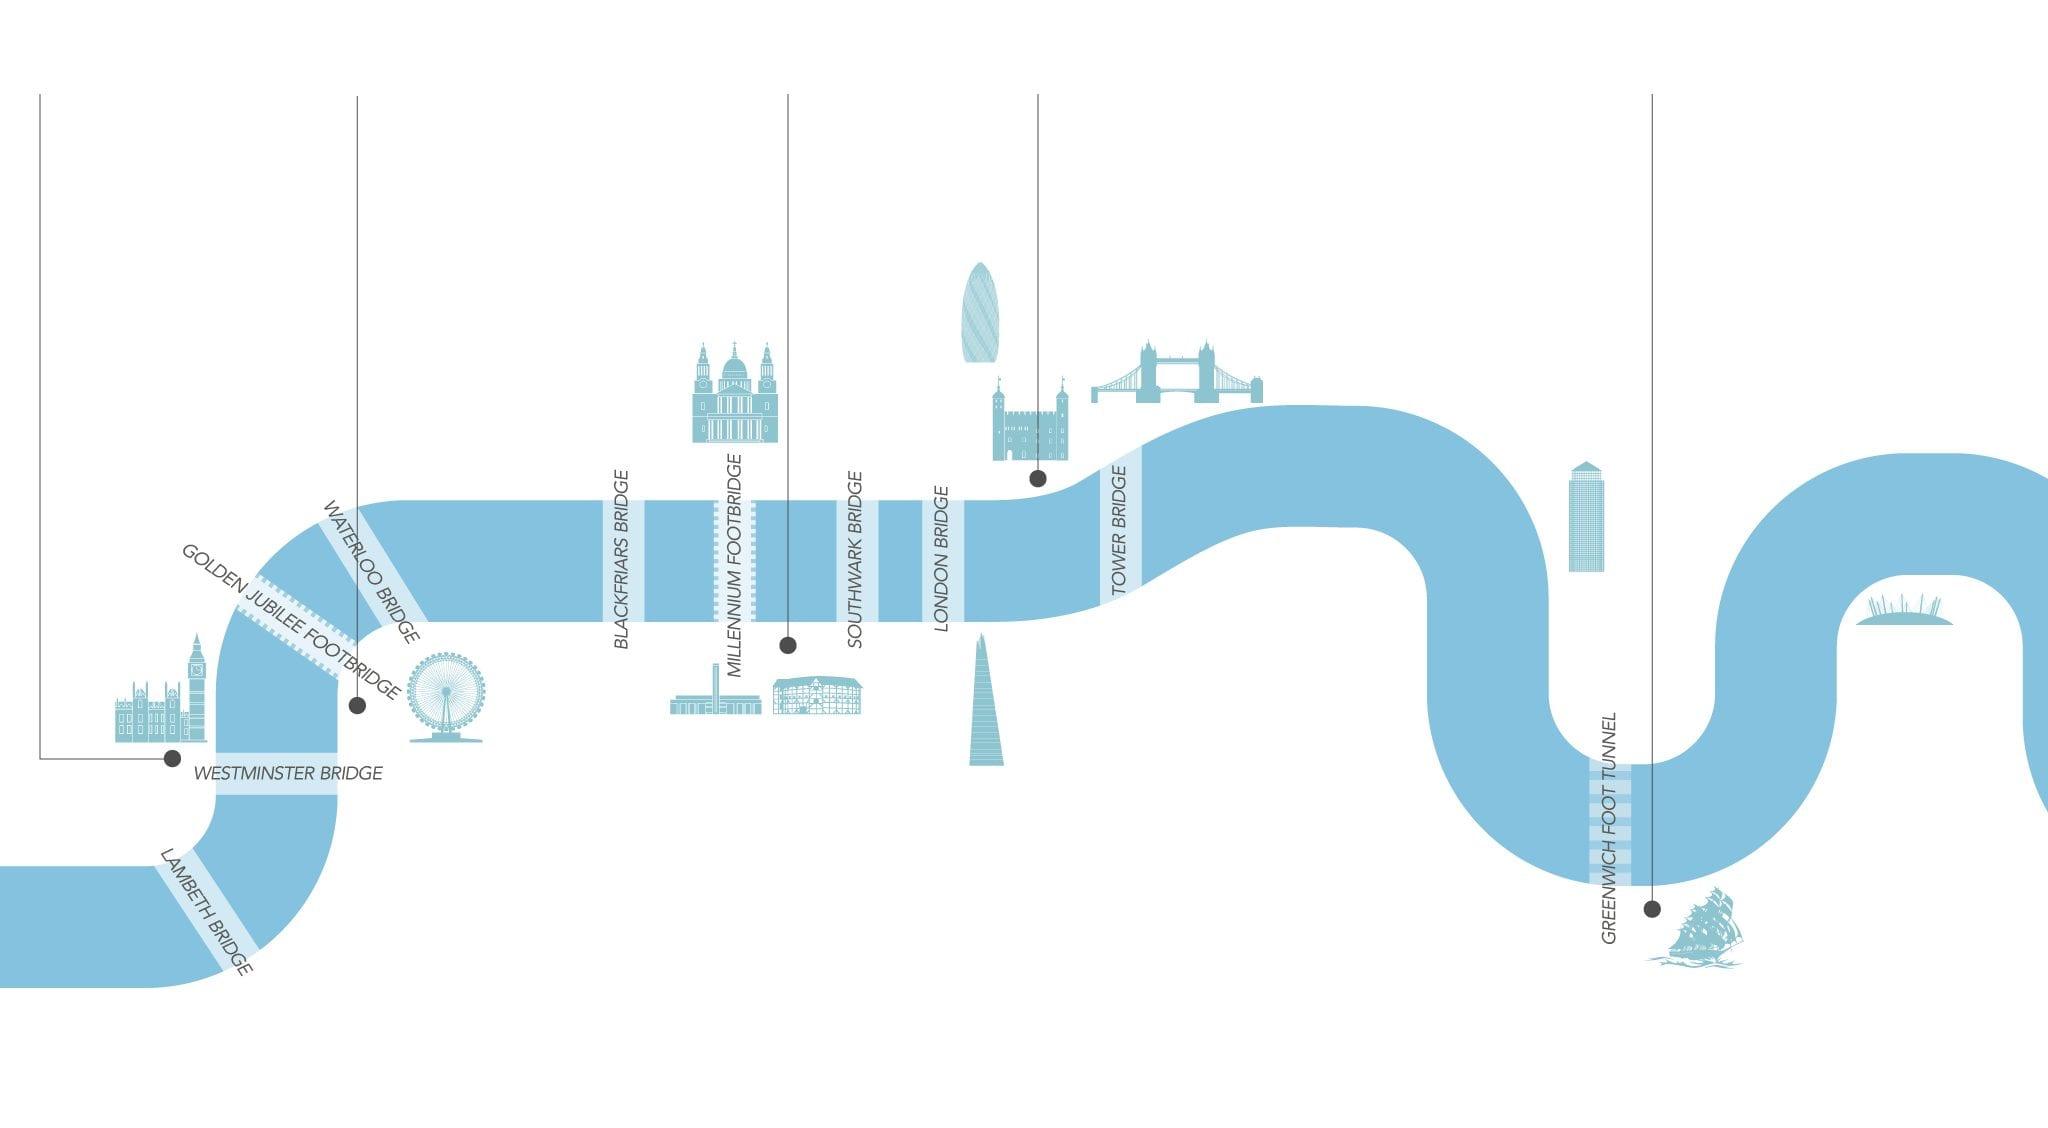 Ir en barco por el Támesis en Londres con el river bus